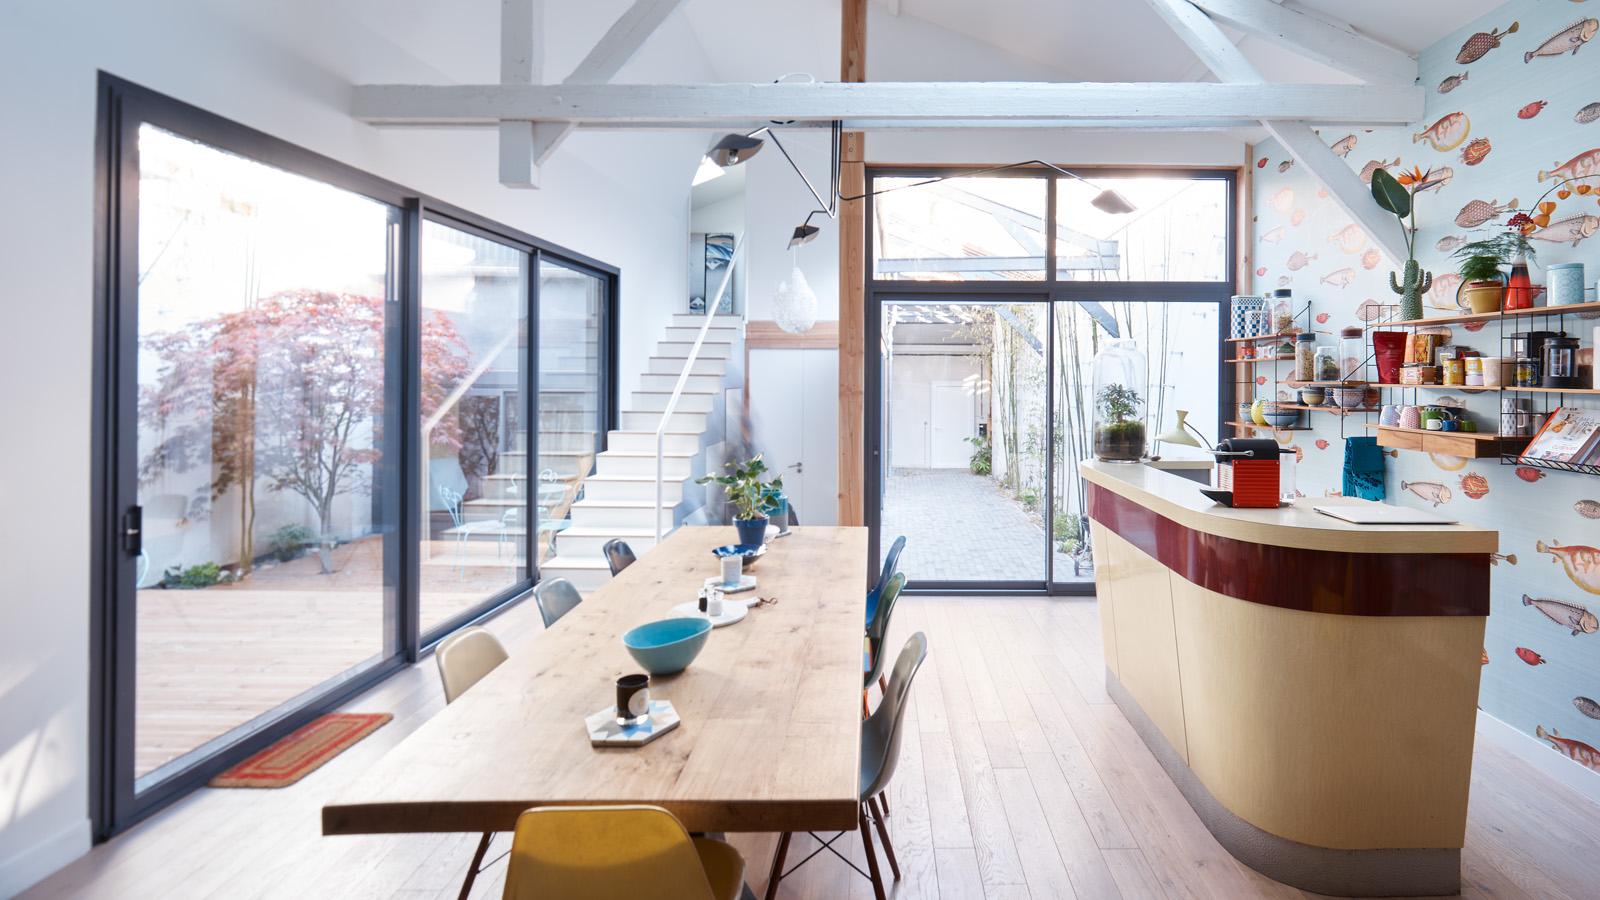 Construction maison de ville : escalier et cours extérieures